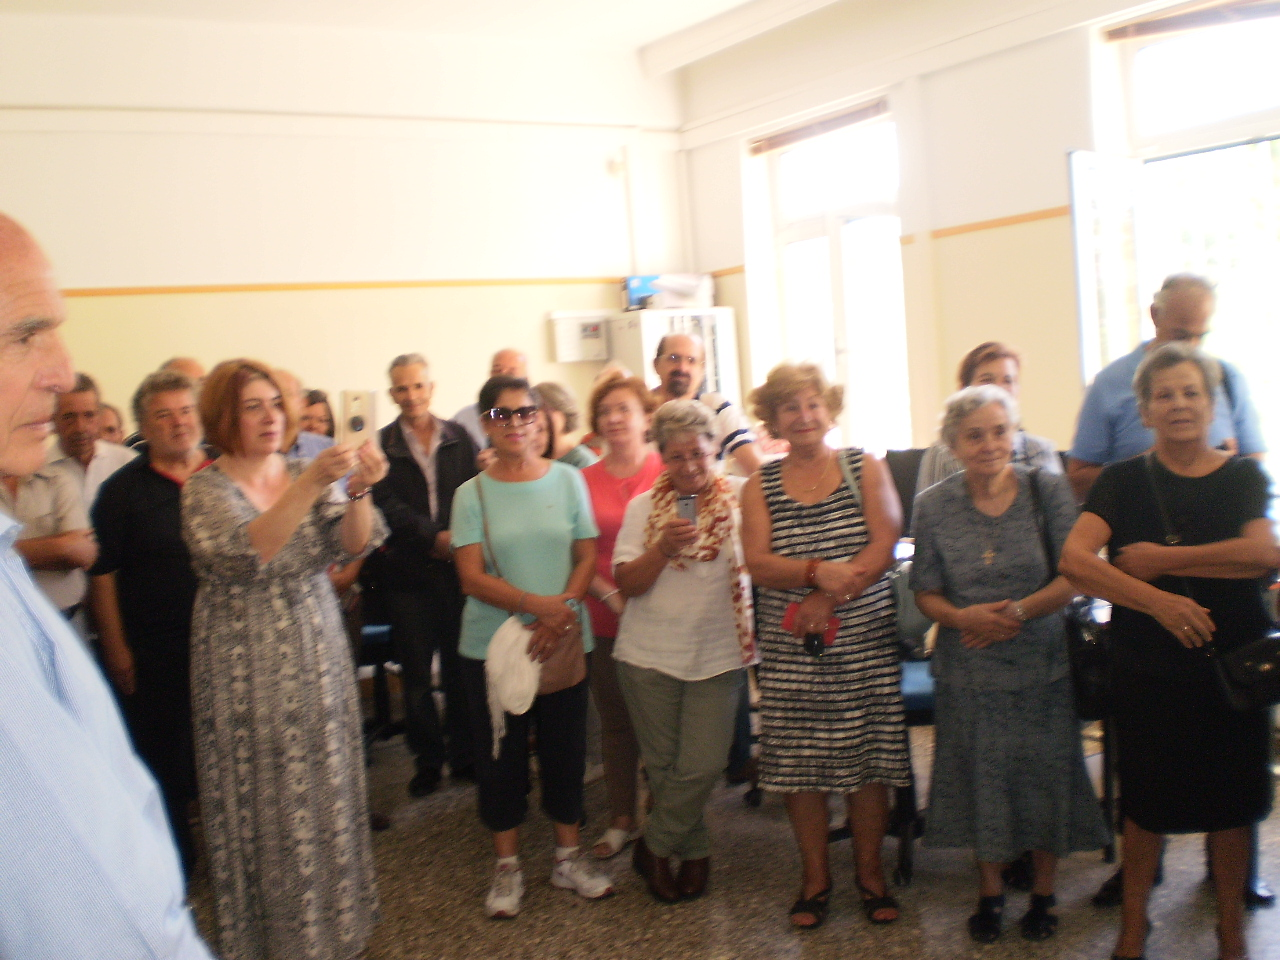 Έναρξη μαθημάτων Δια Βίου Μάθησης στη Λάρισα